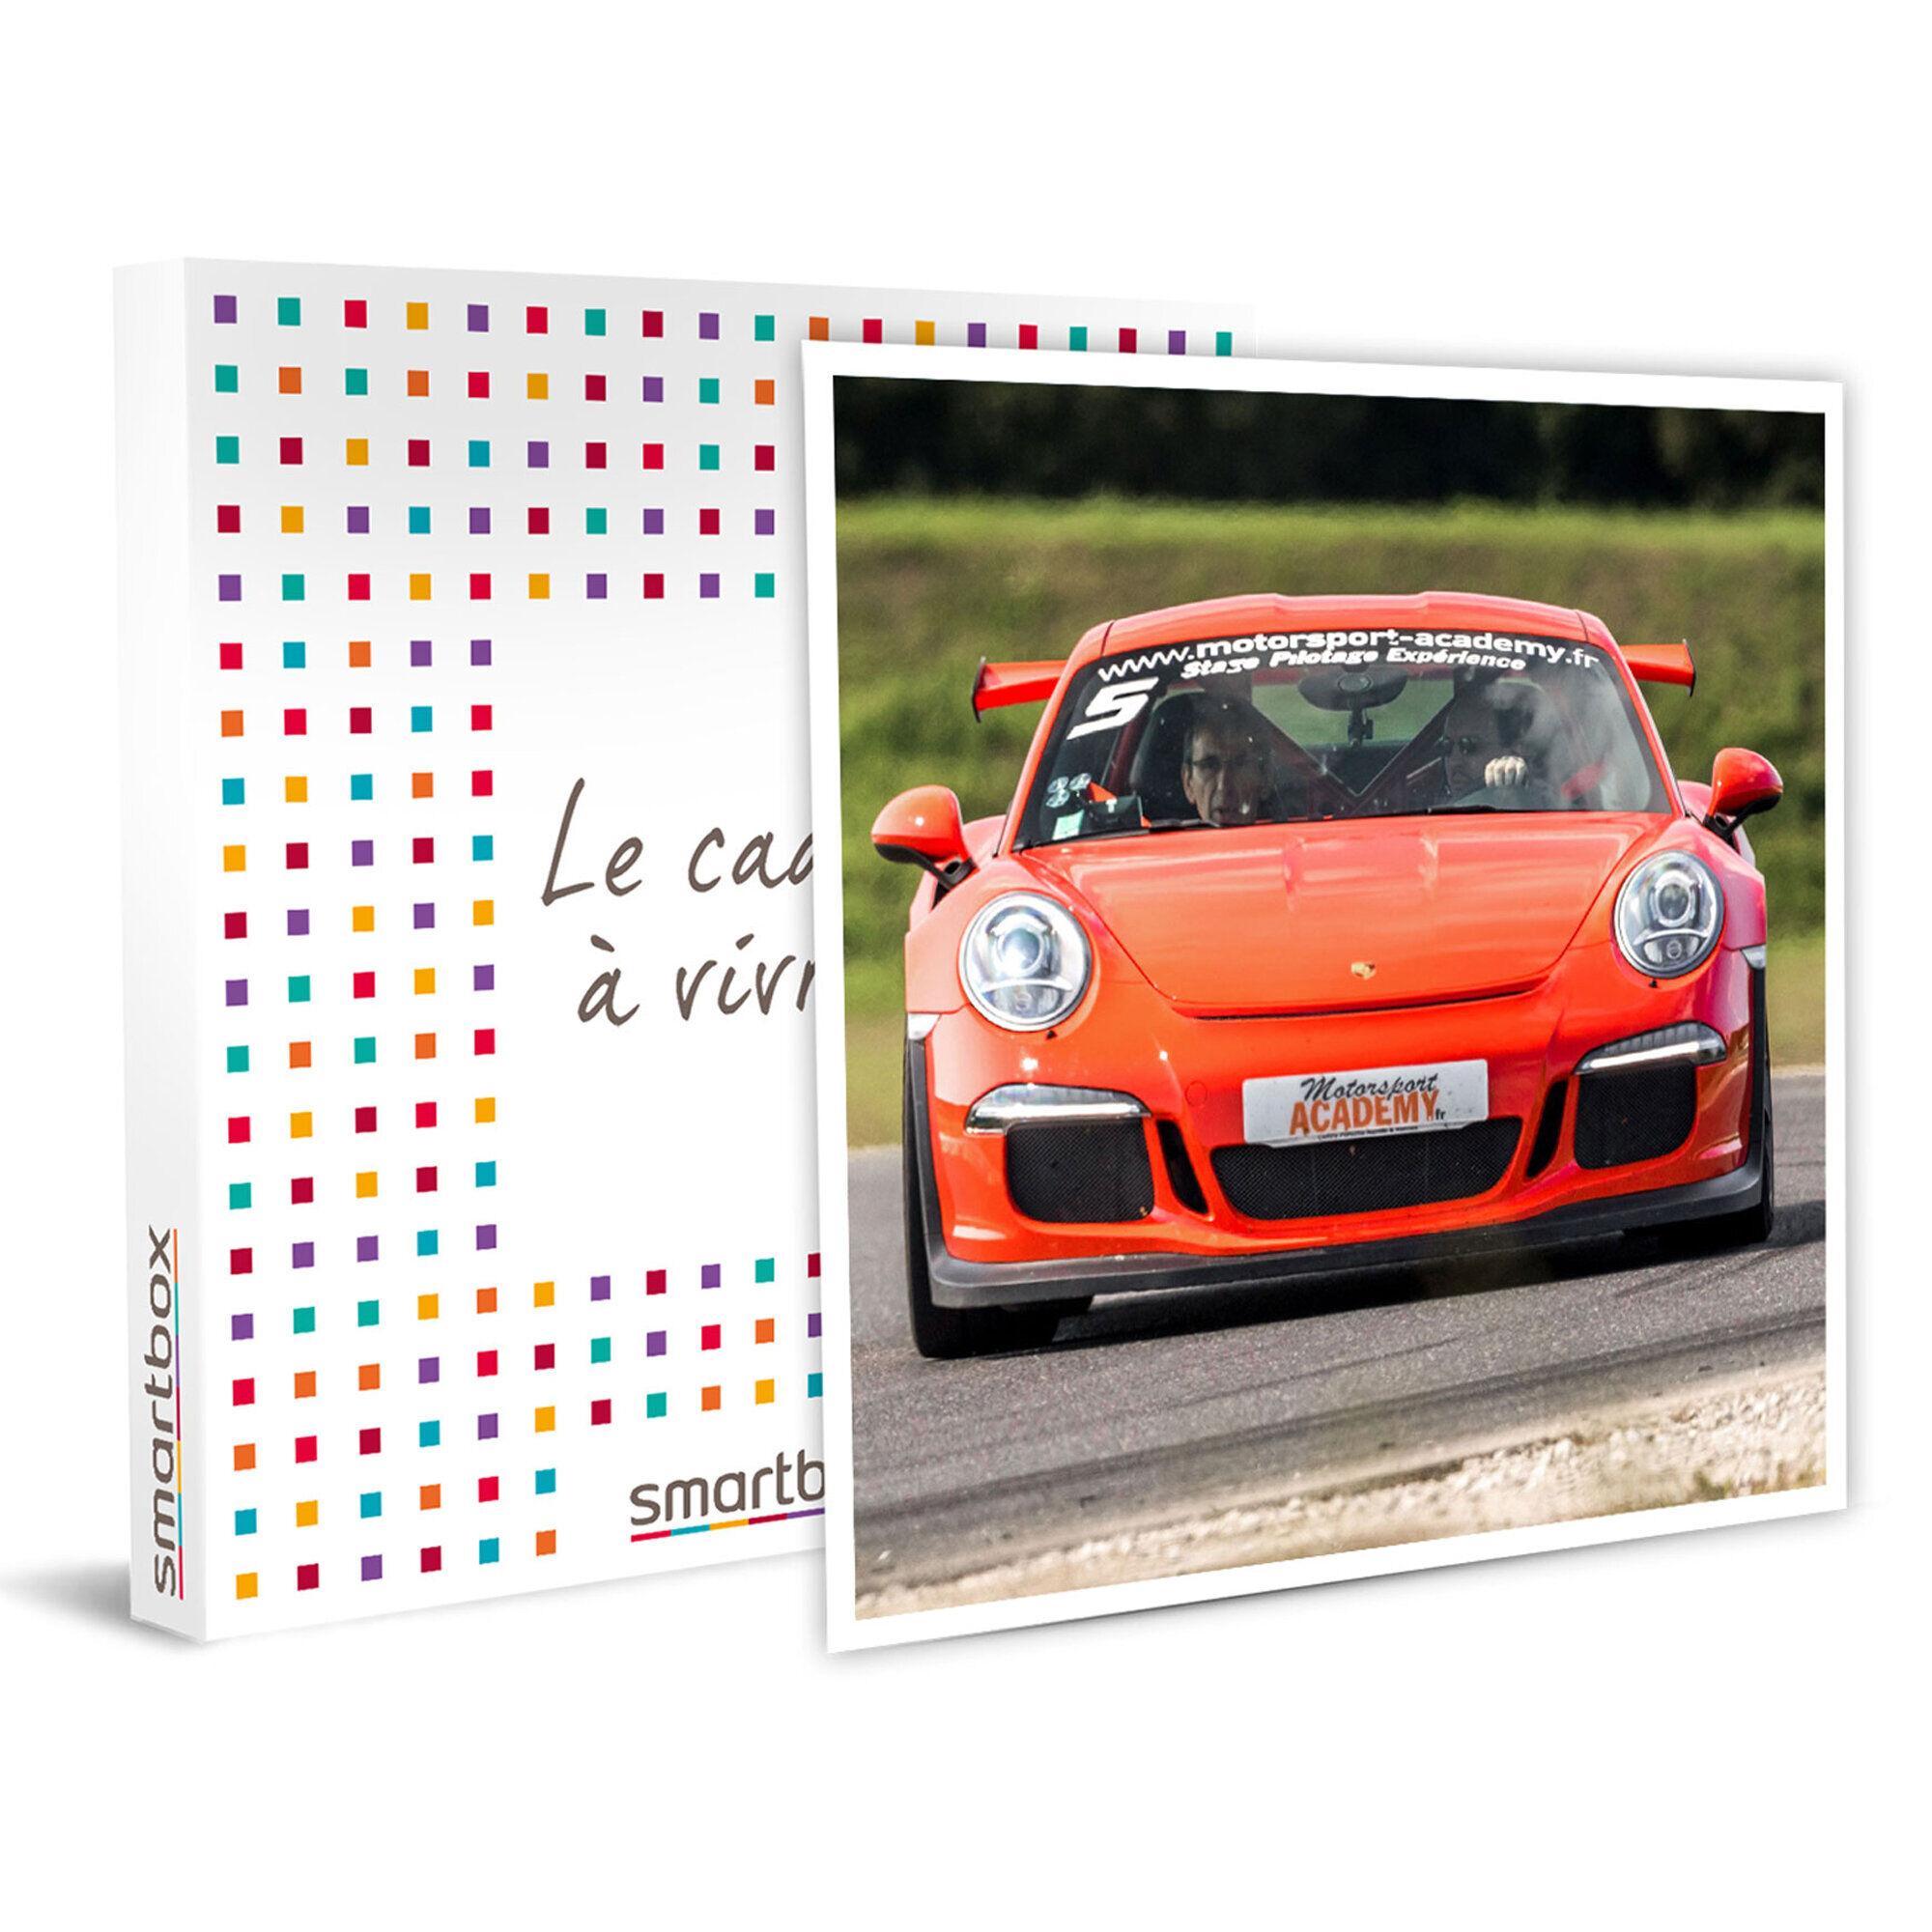 Smartbox Pilotage d'une Porsche Cayman S sur 2 tours de circuit Coffret cadeau Smartbox